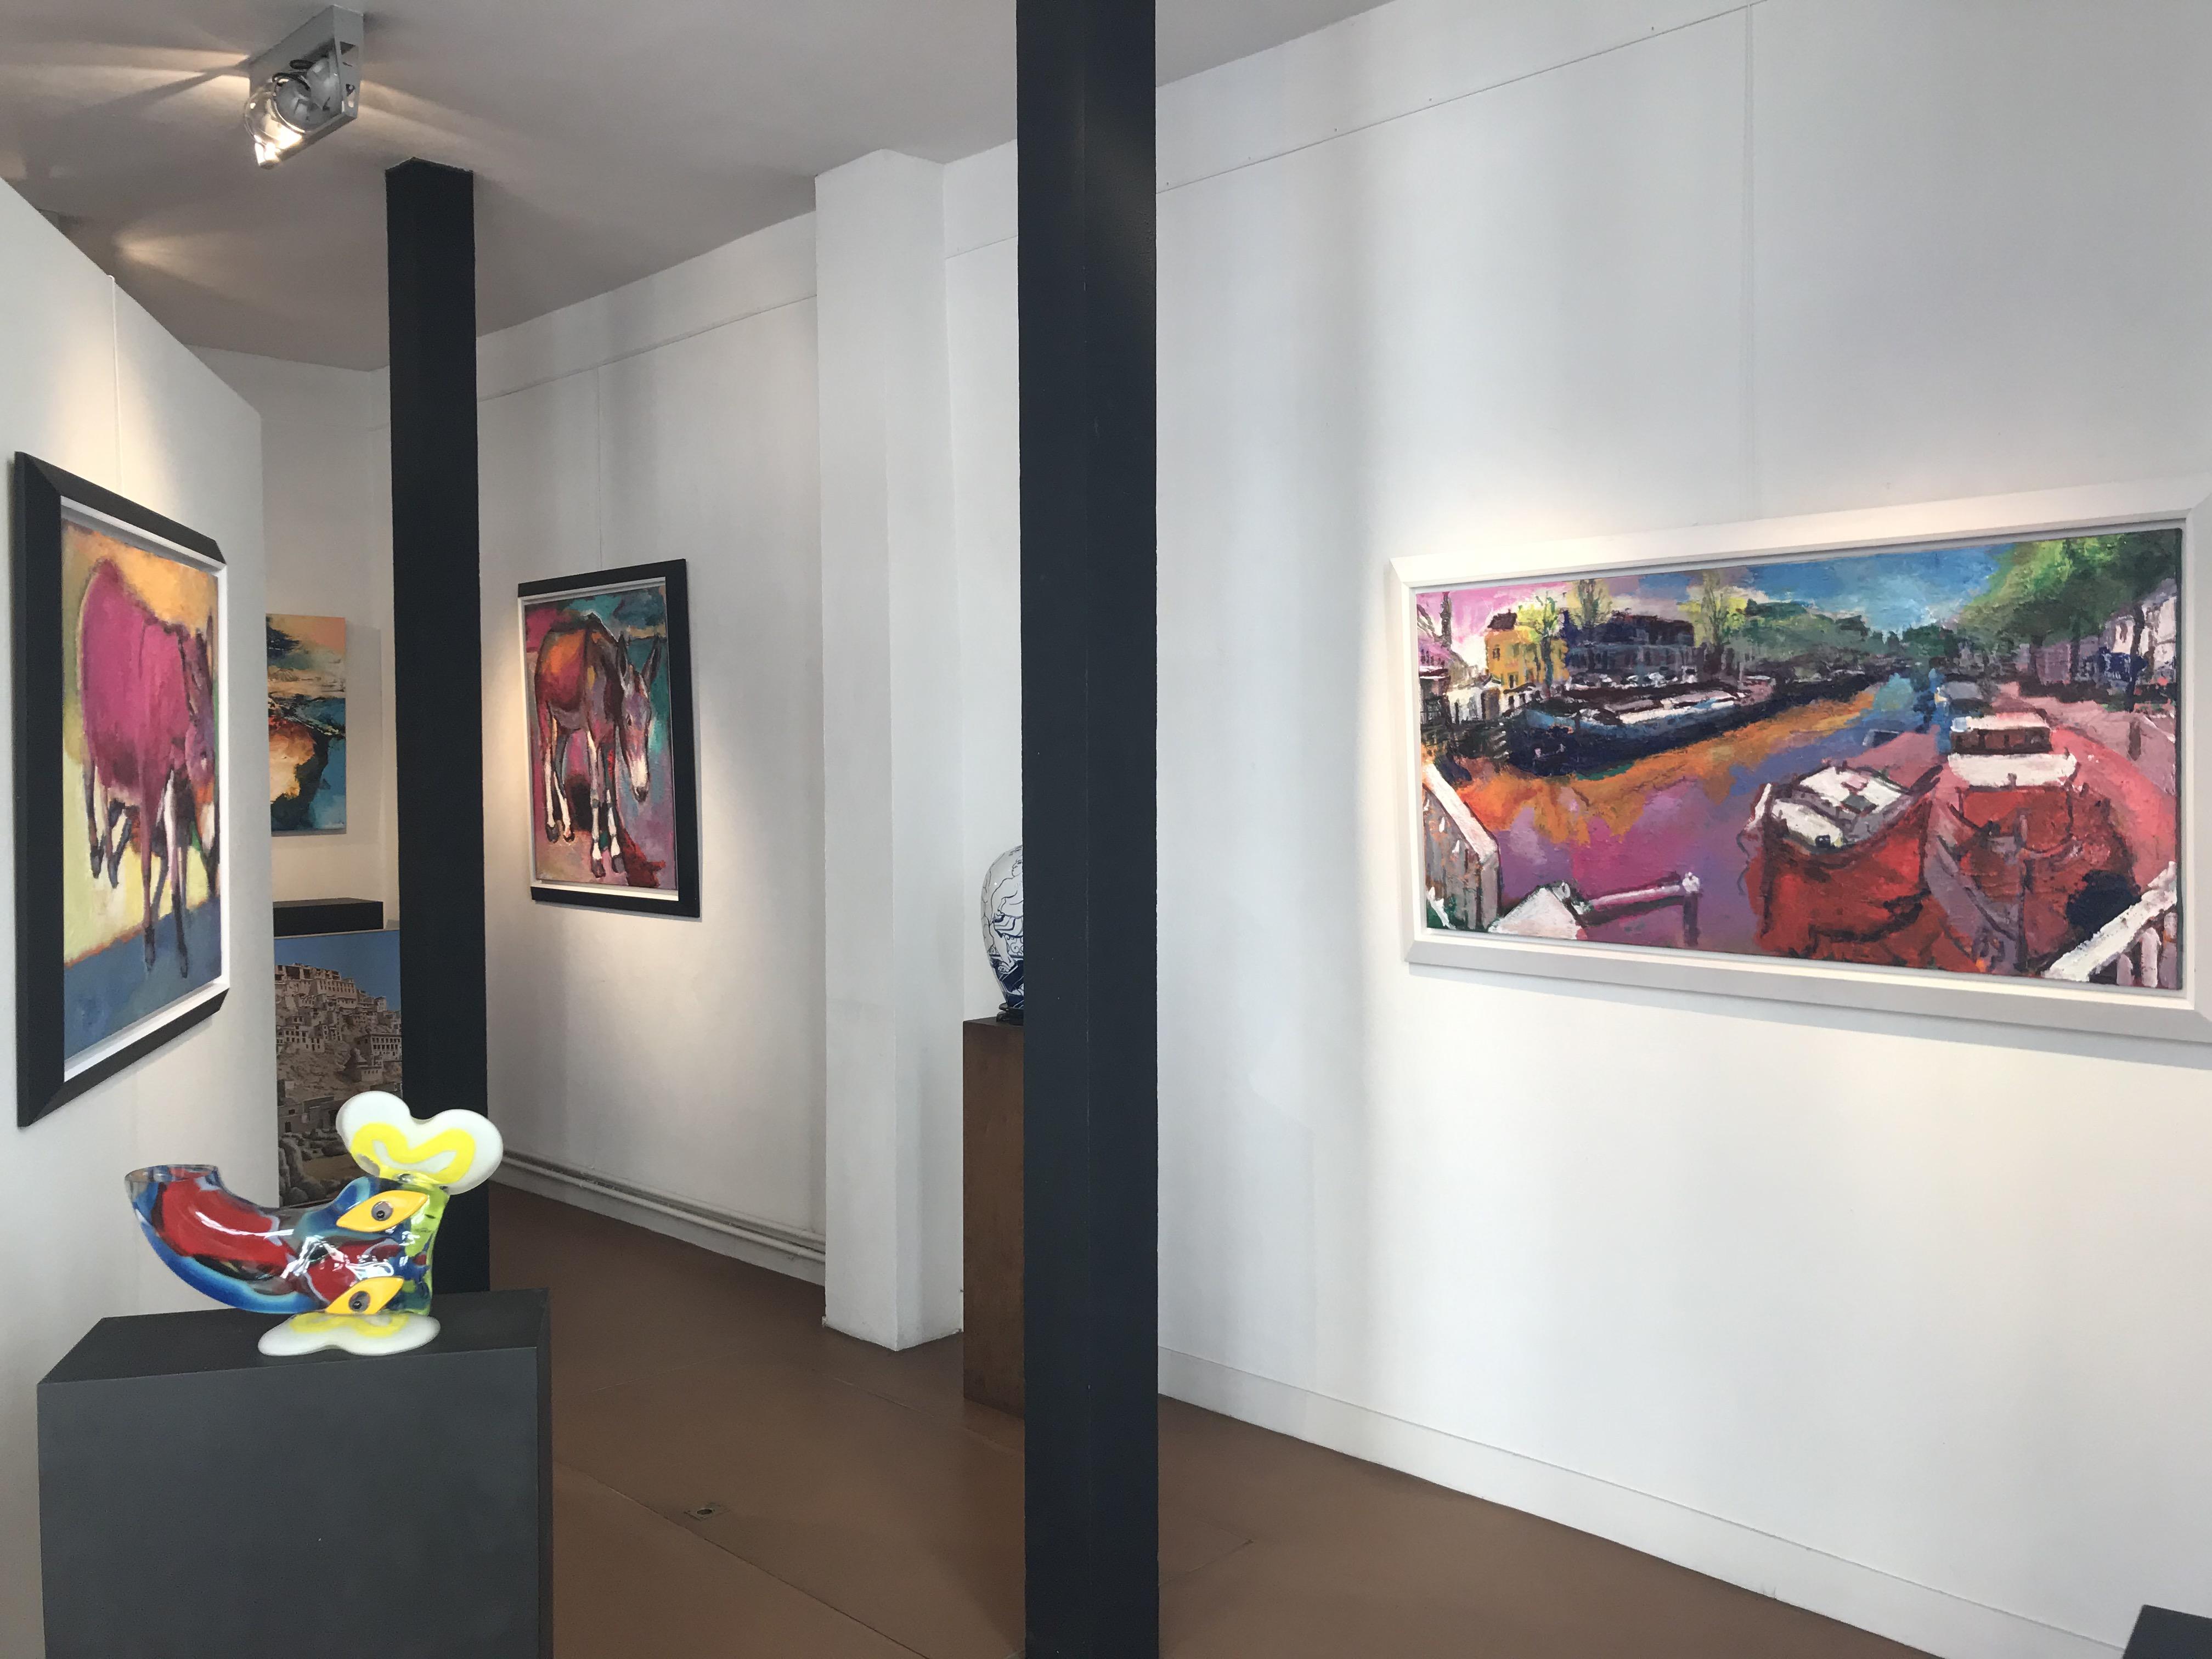 schilderijen Michael Buter